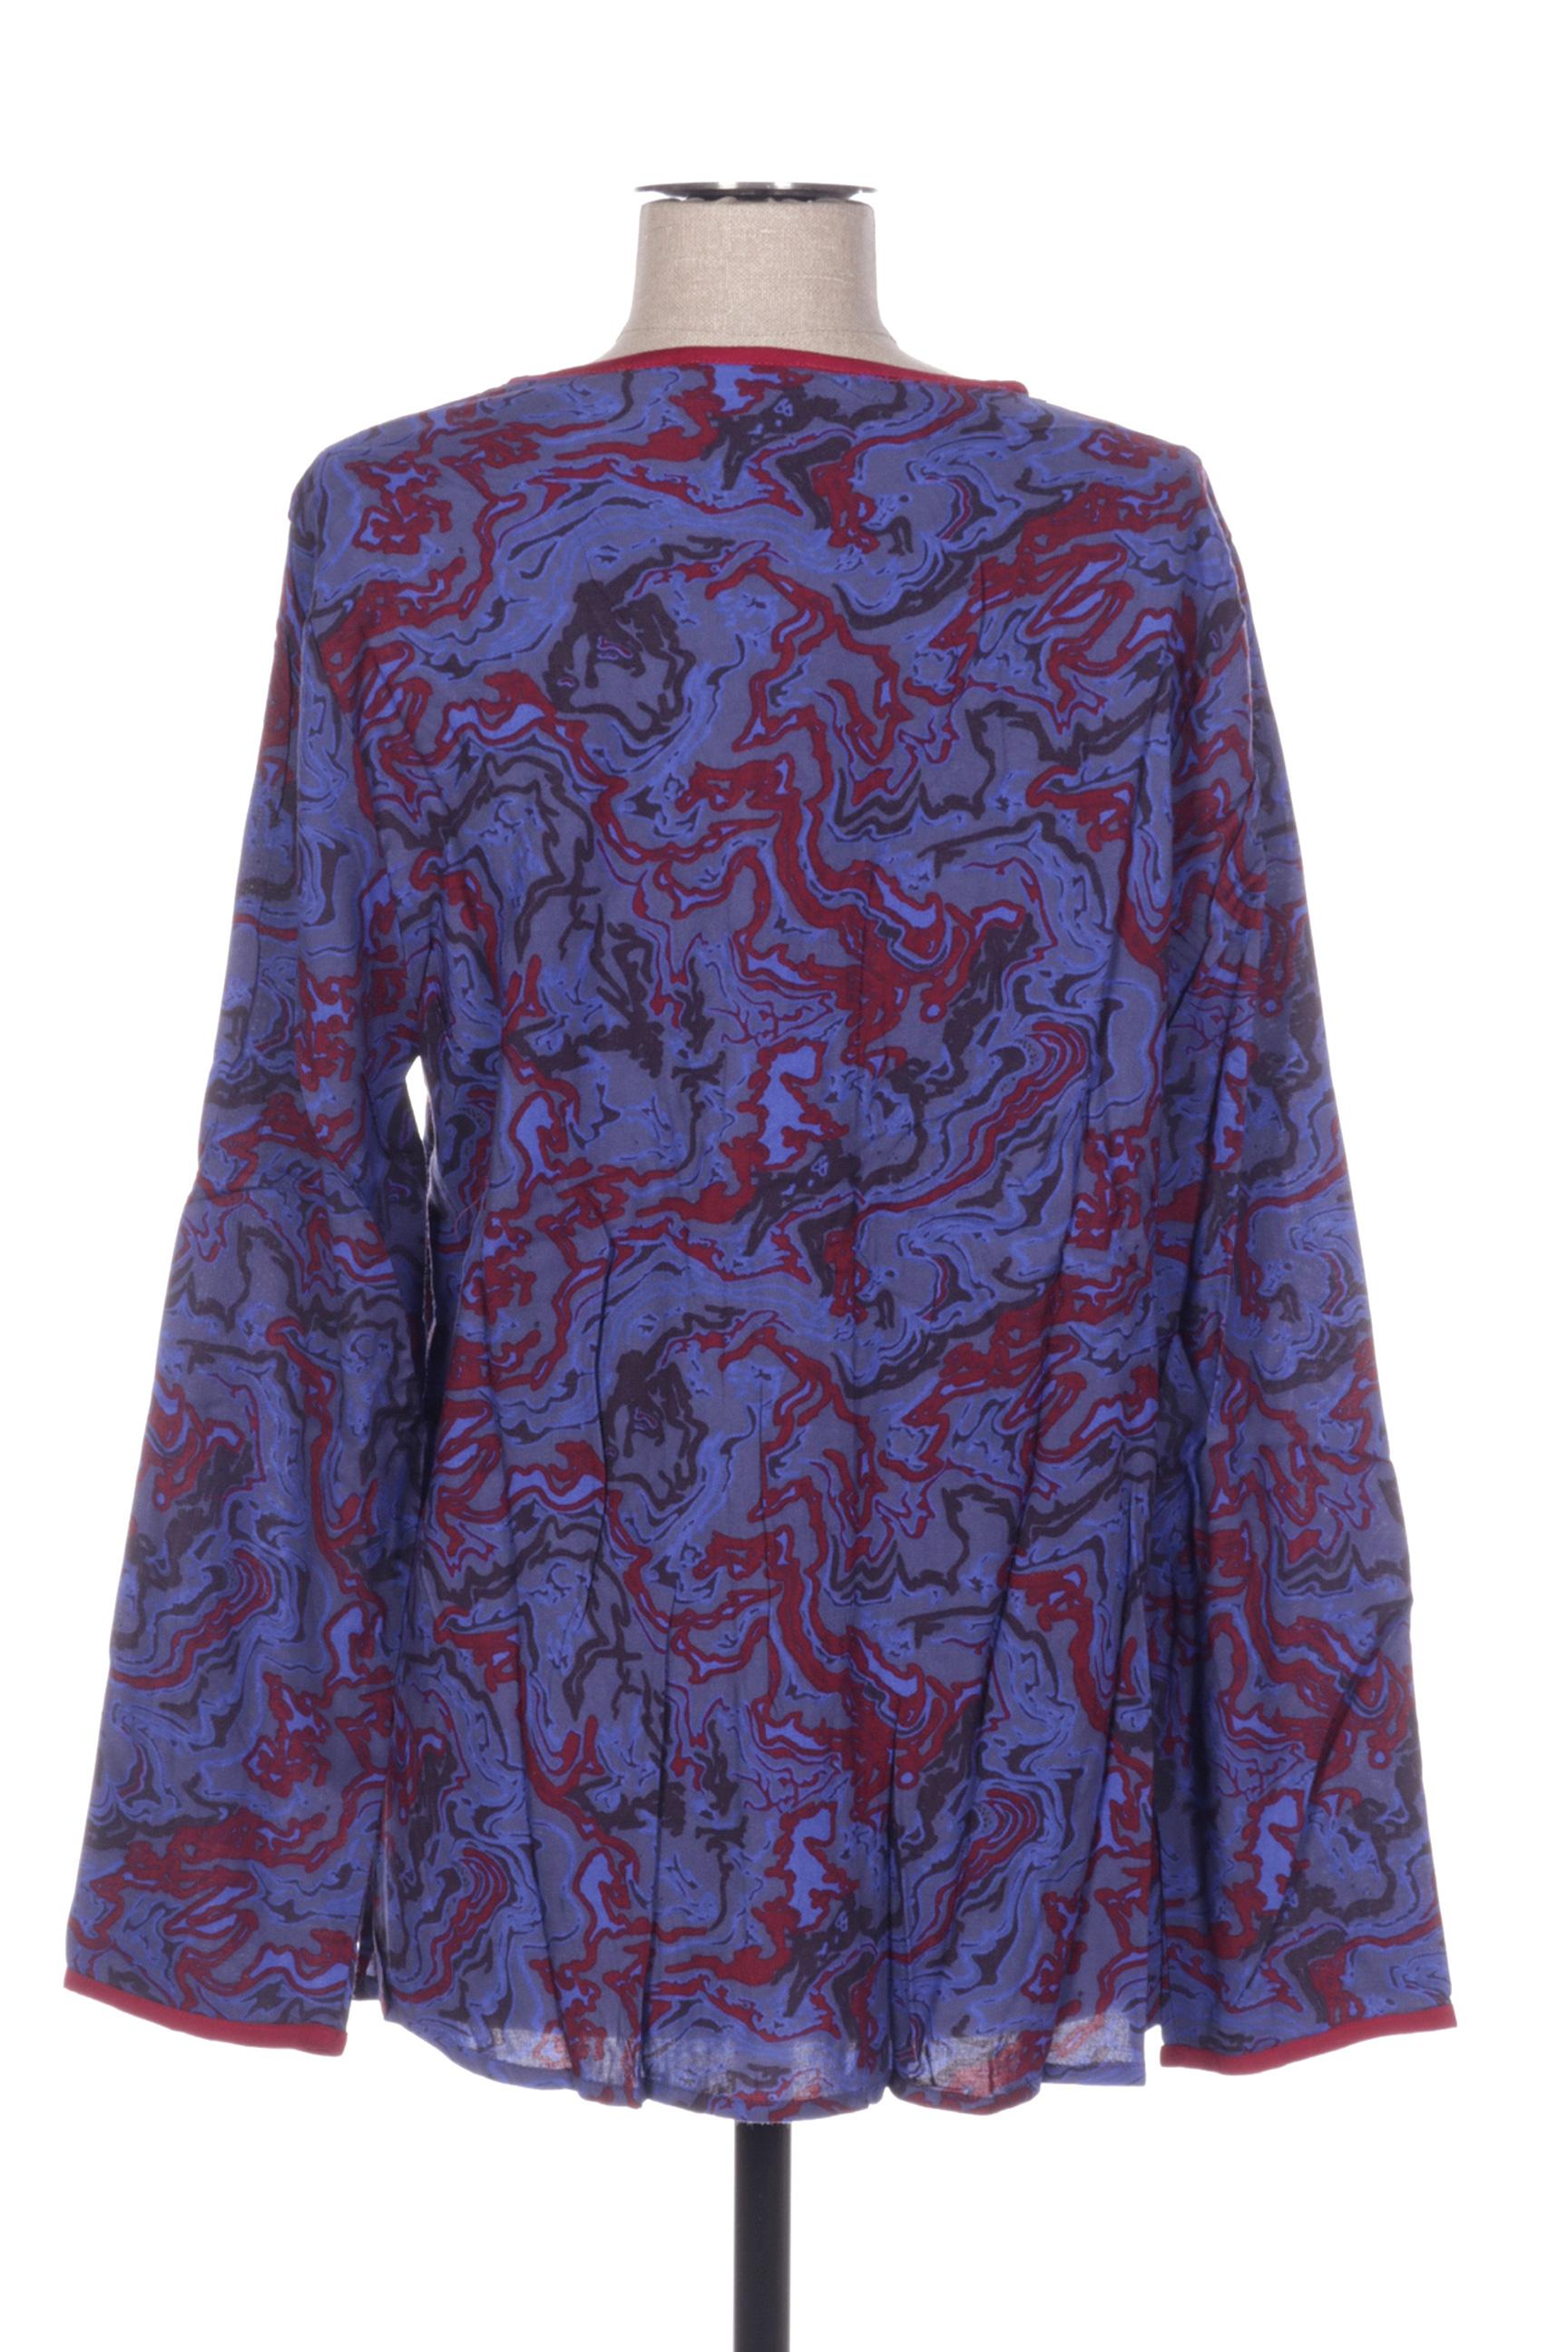 La Fiancee Du Mekong Blouses Femme De Couleur Bleu En Soldes Pas Cher 1417603-bleu00